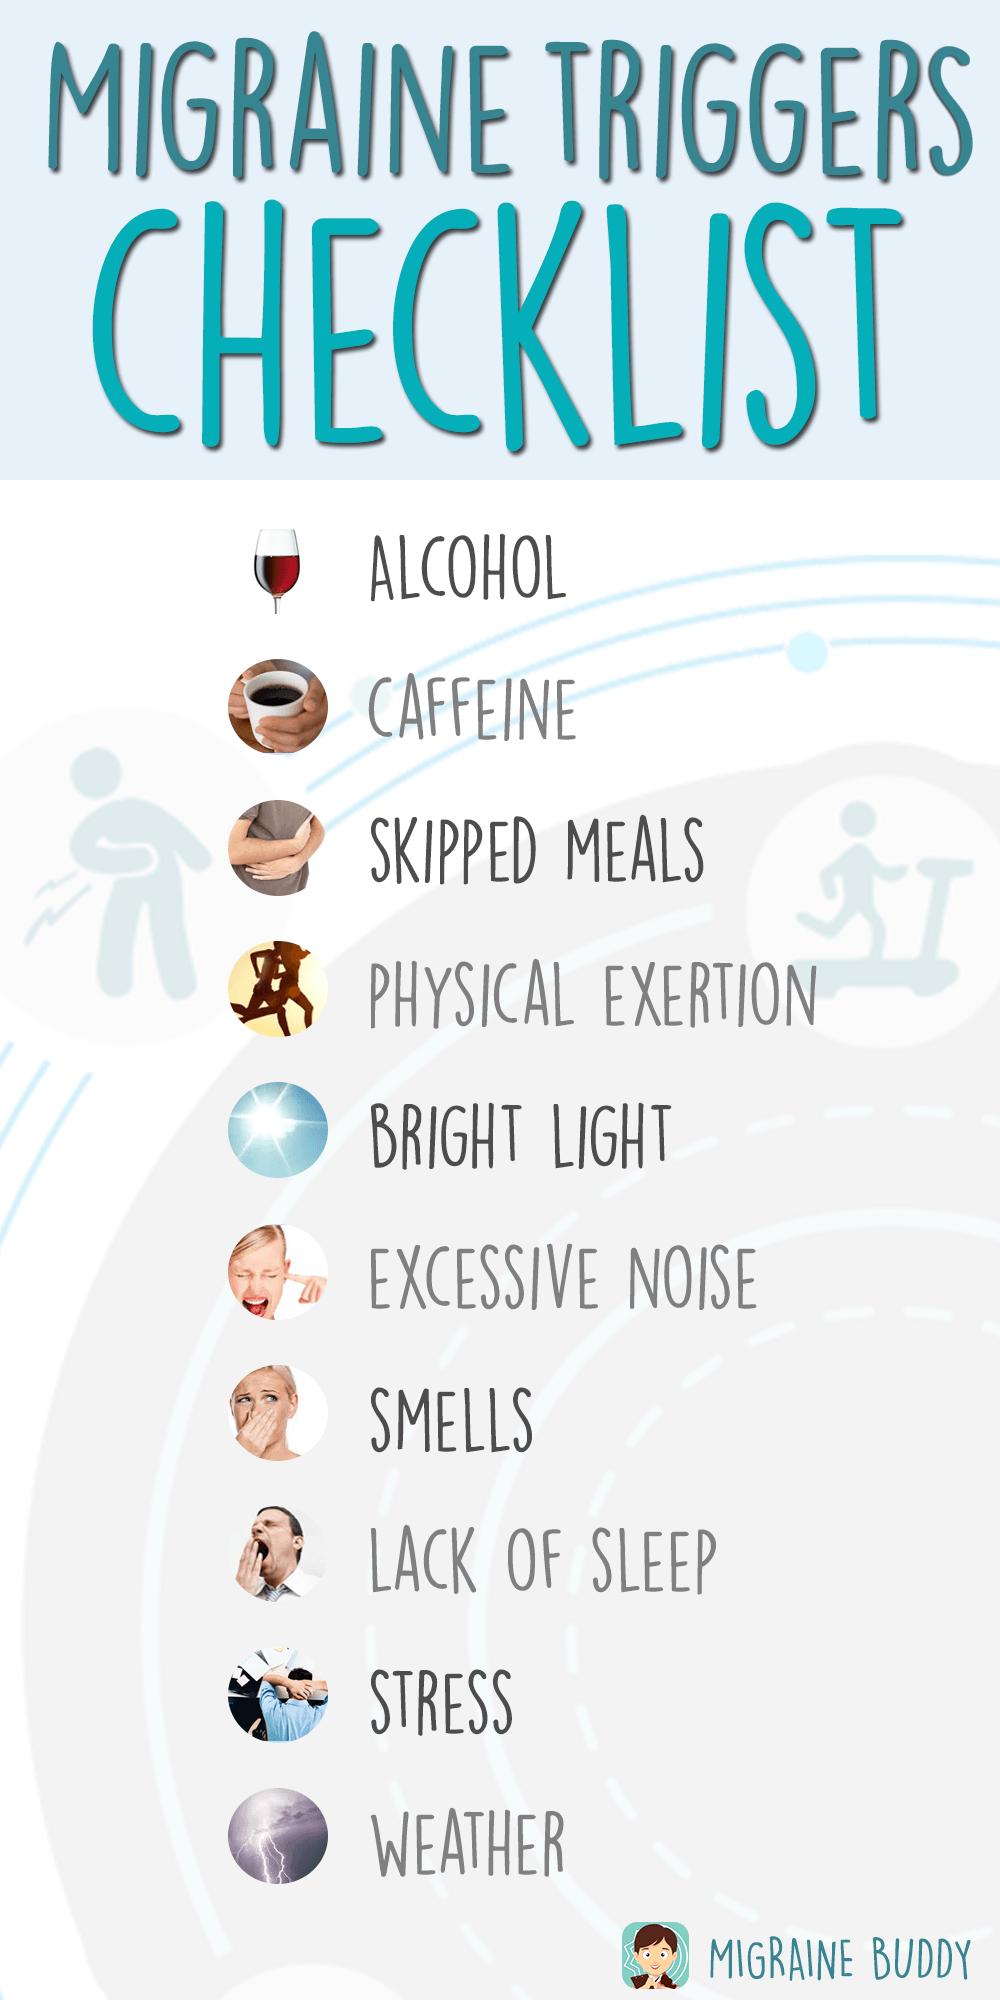 Migraine-Trigger-Checklist_new1